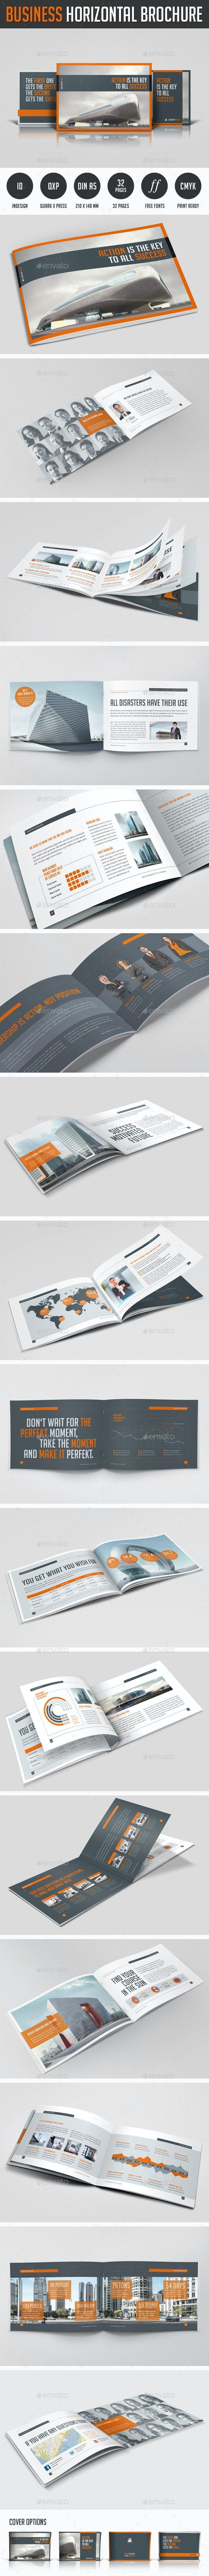 Business Horizontal Brochure - Corporate Brochures